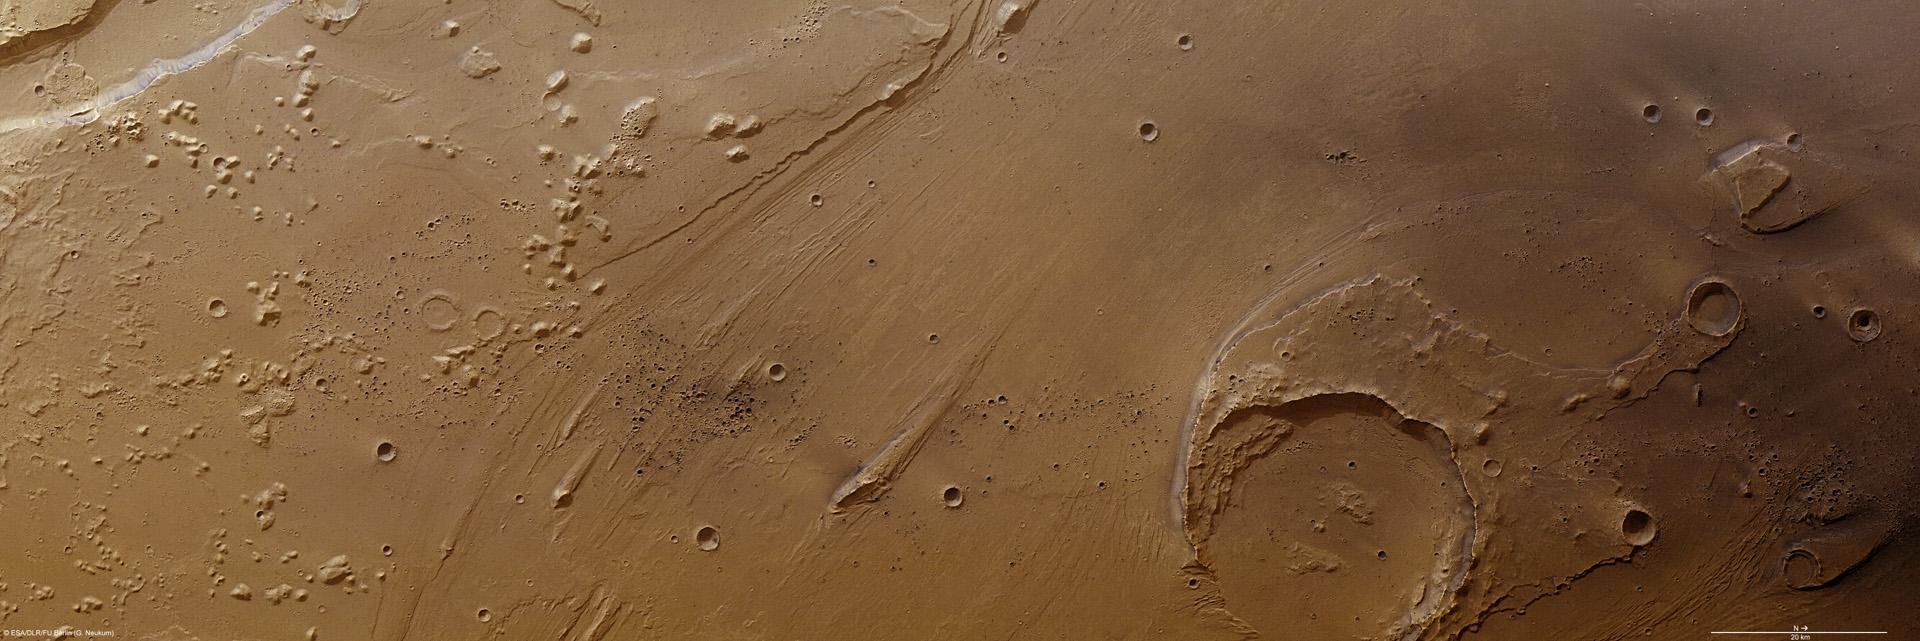 http://image.nauka.bg/astro/mars/1____20110912-9393-6-co-01-AresVallis_H1.jpg